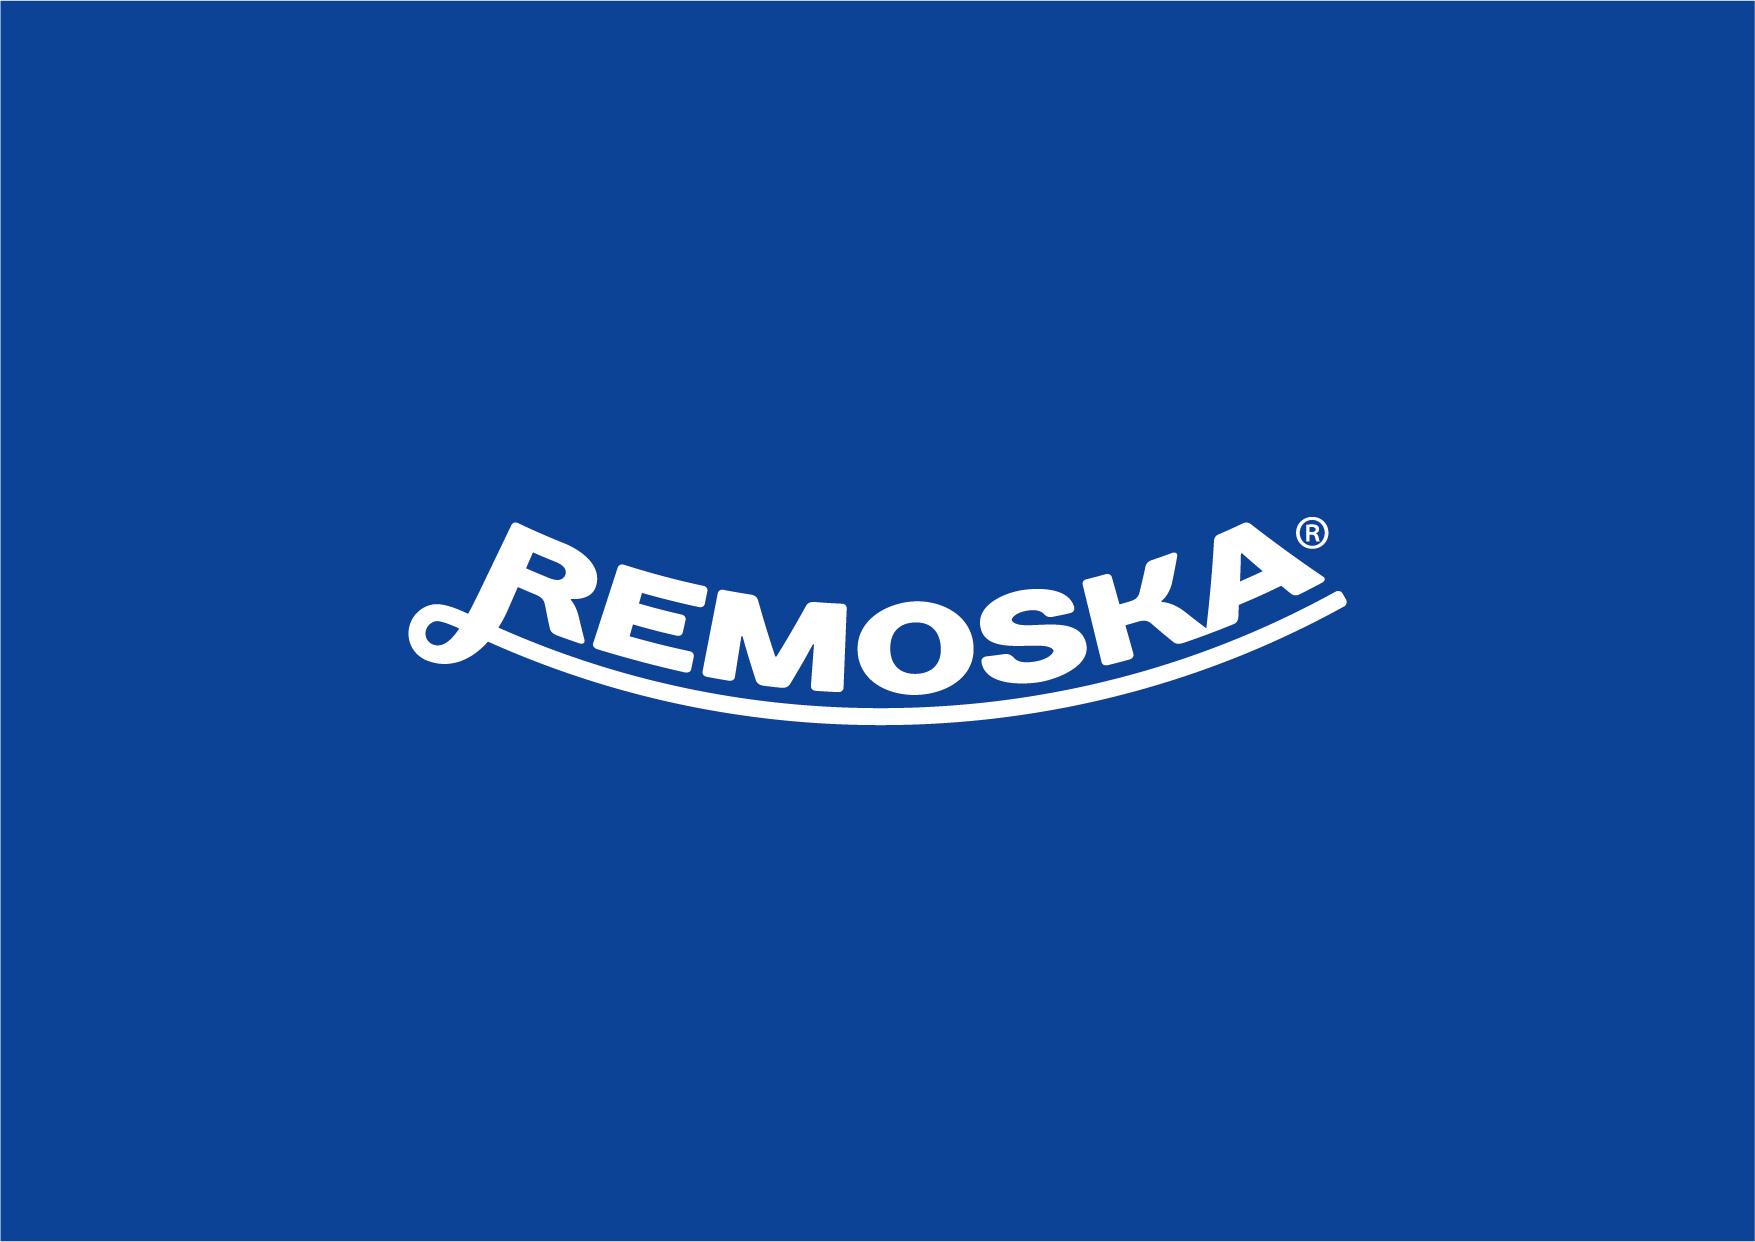 Remoska-01